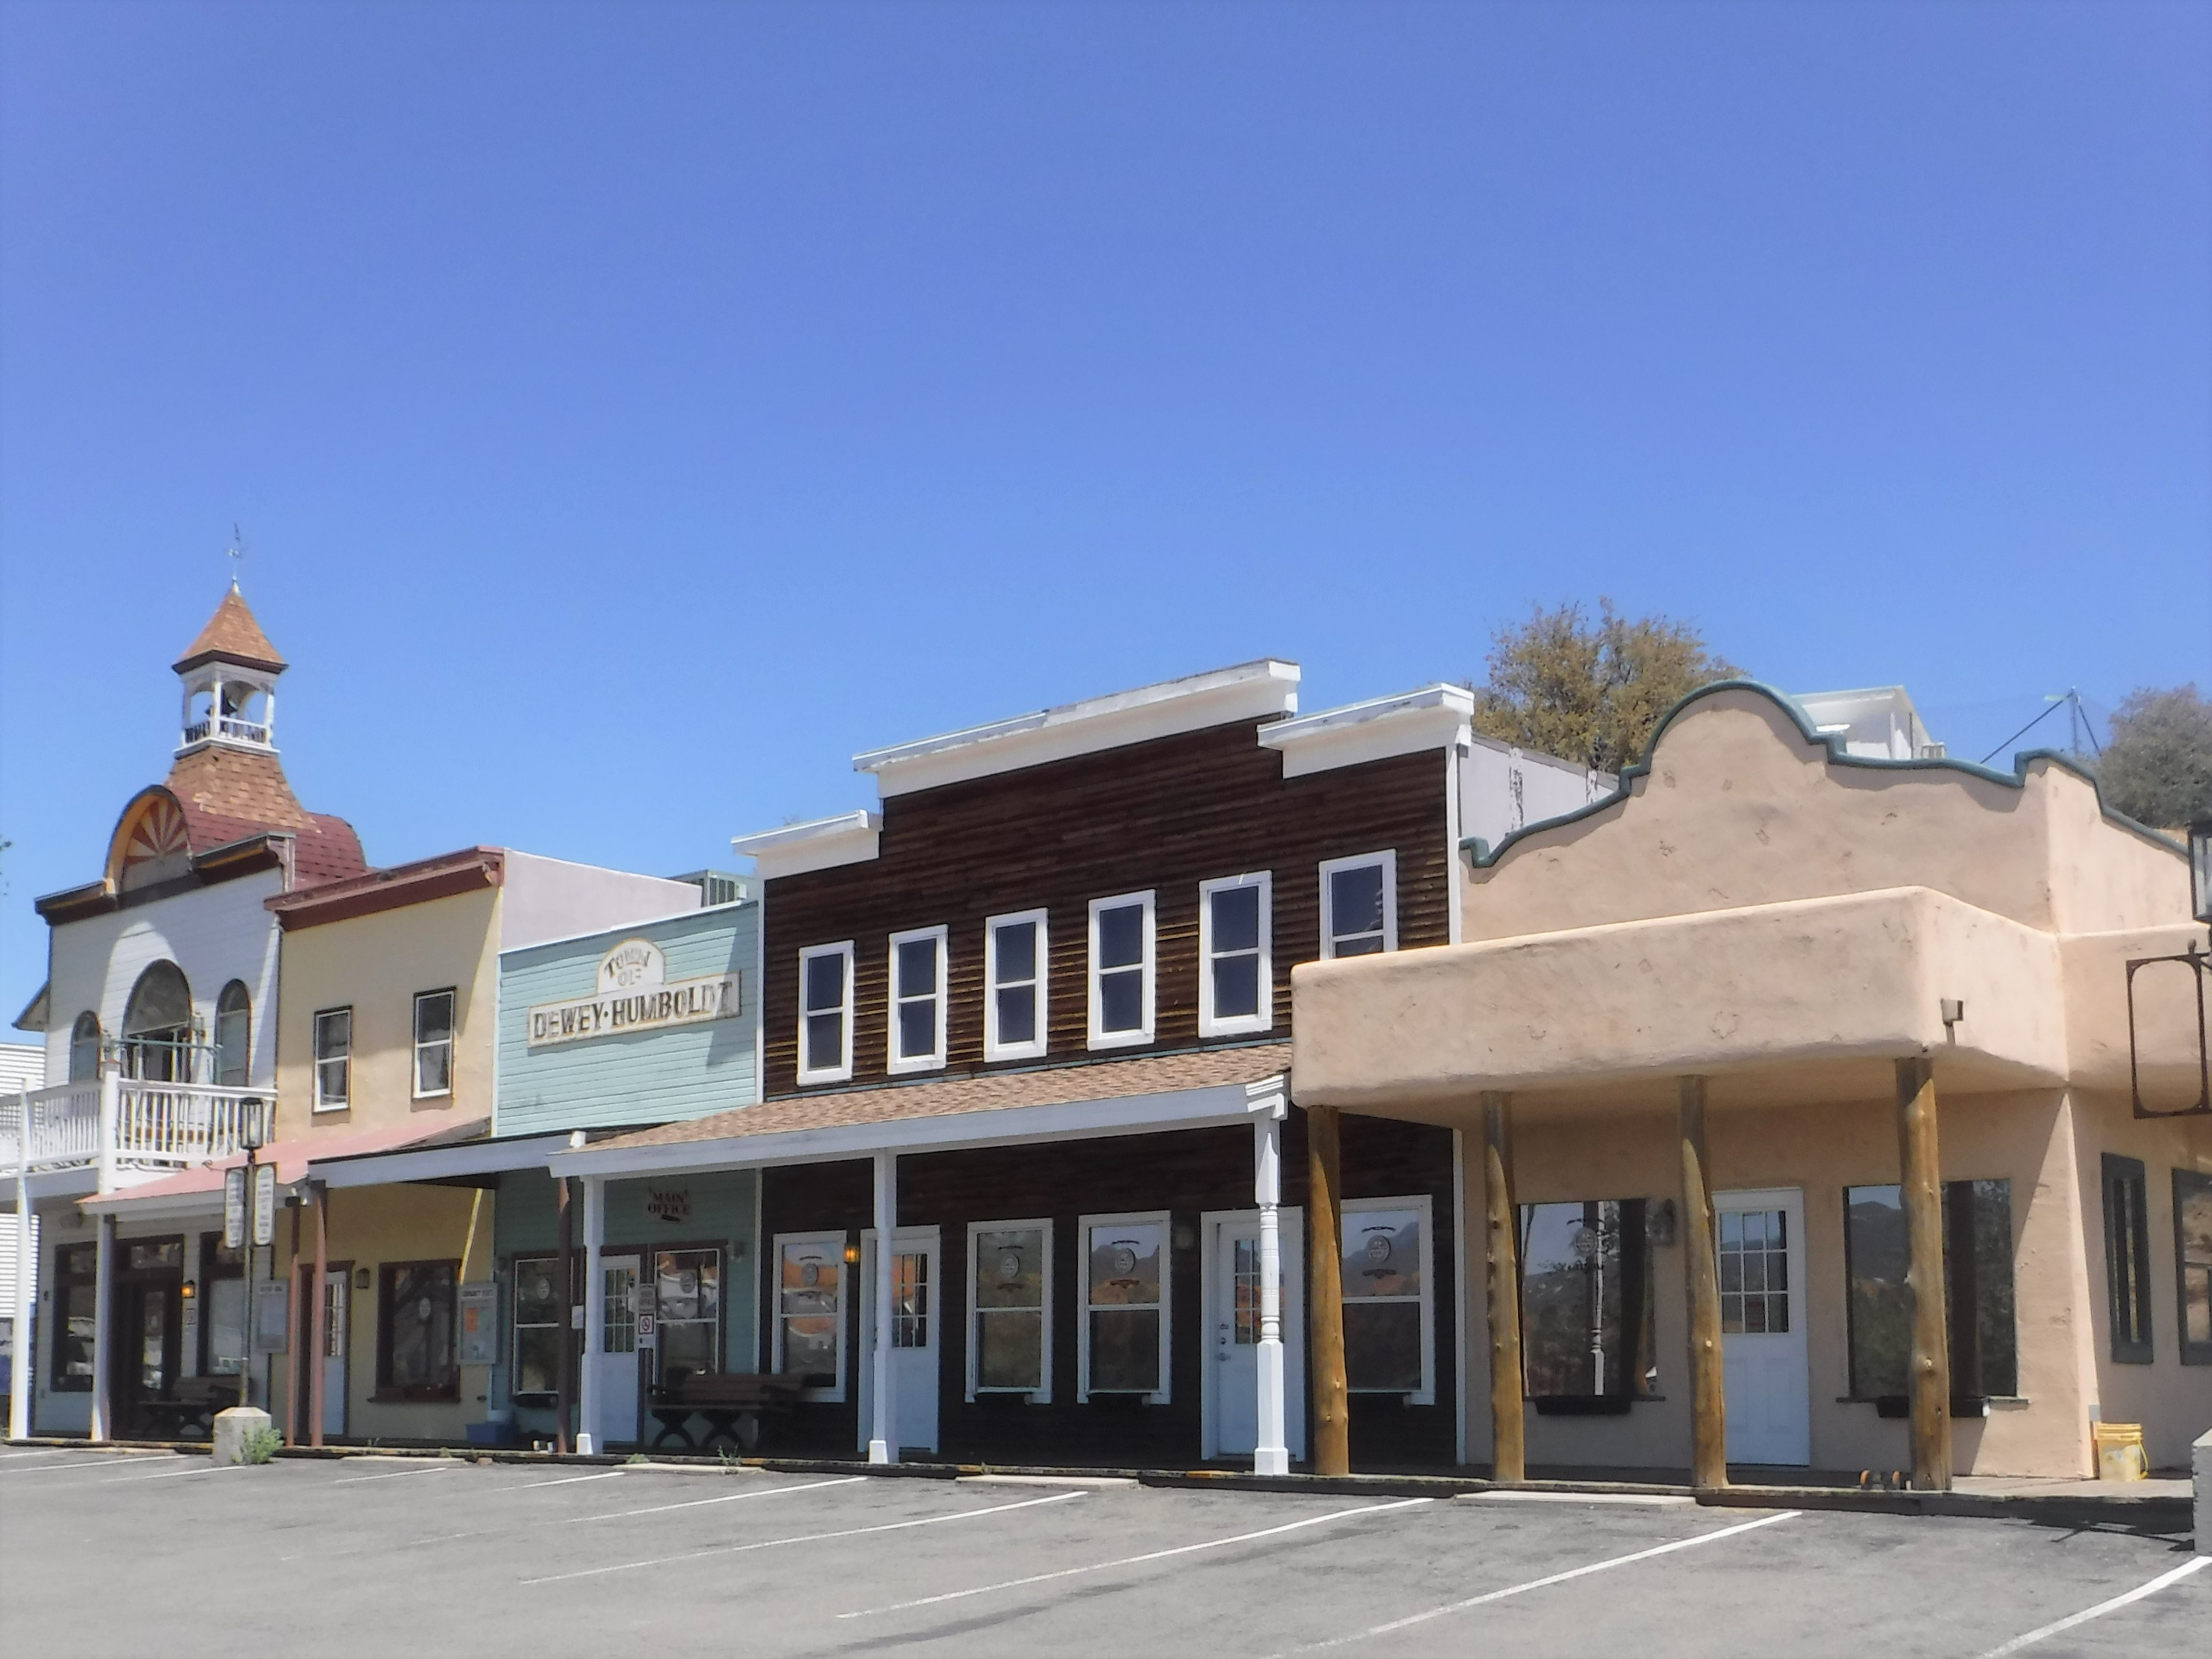 Dewey-Humboldt, AZ | Official Website